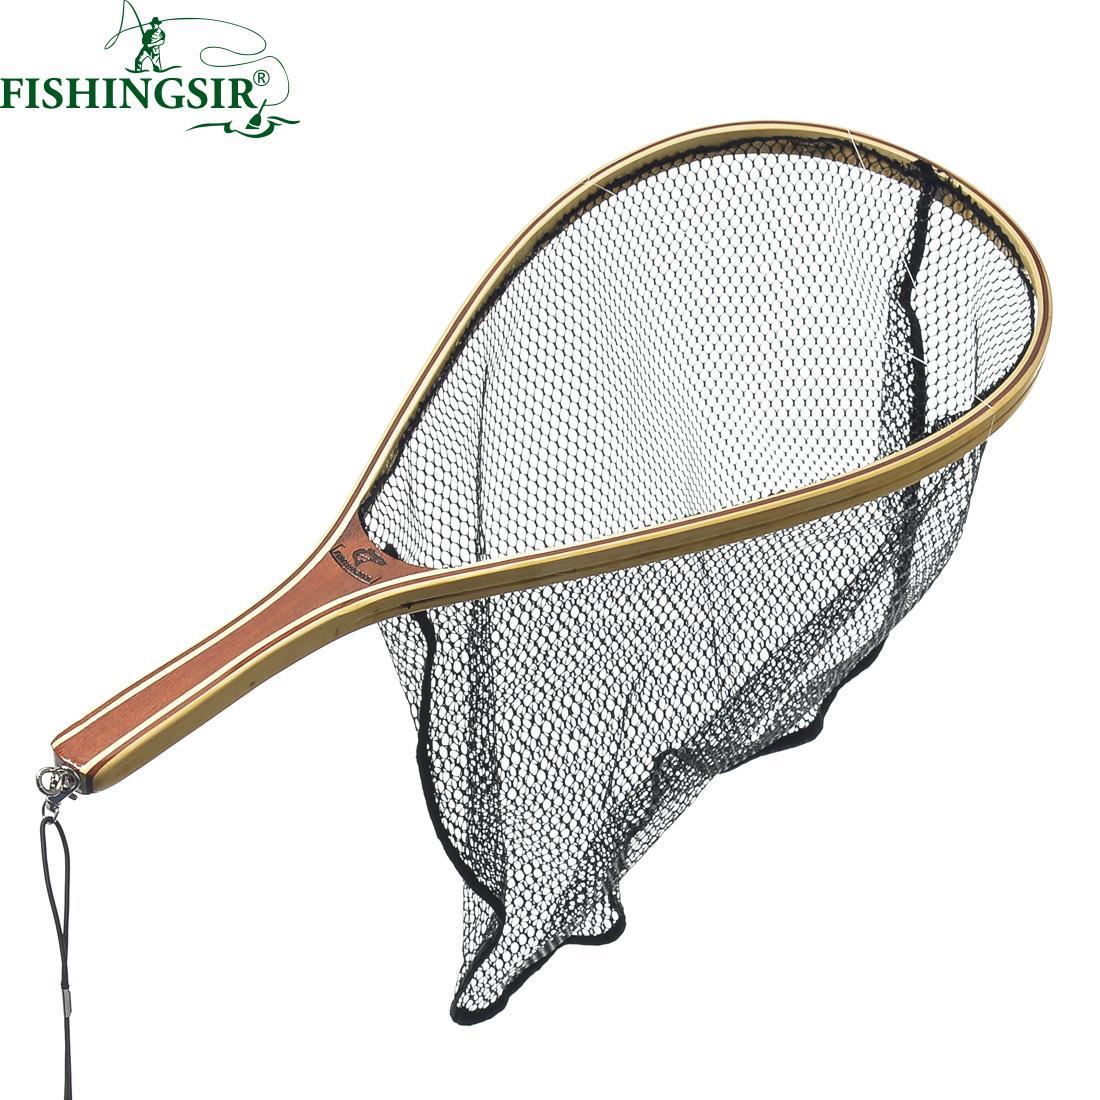 сплести сачок для рыбалки